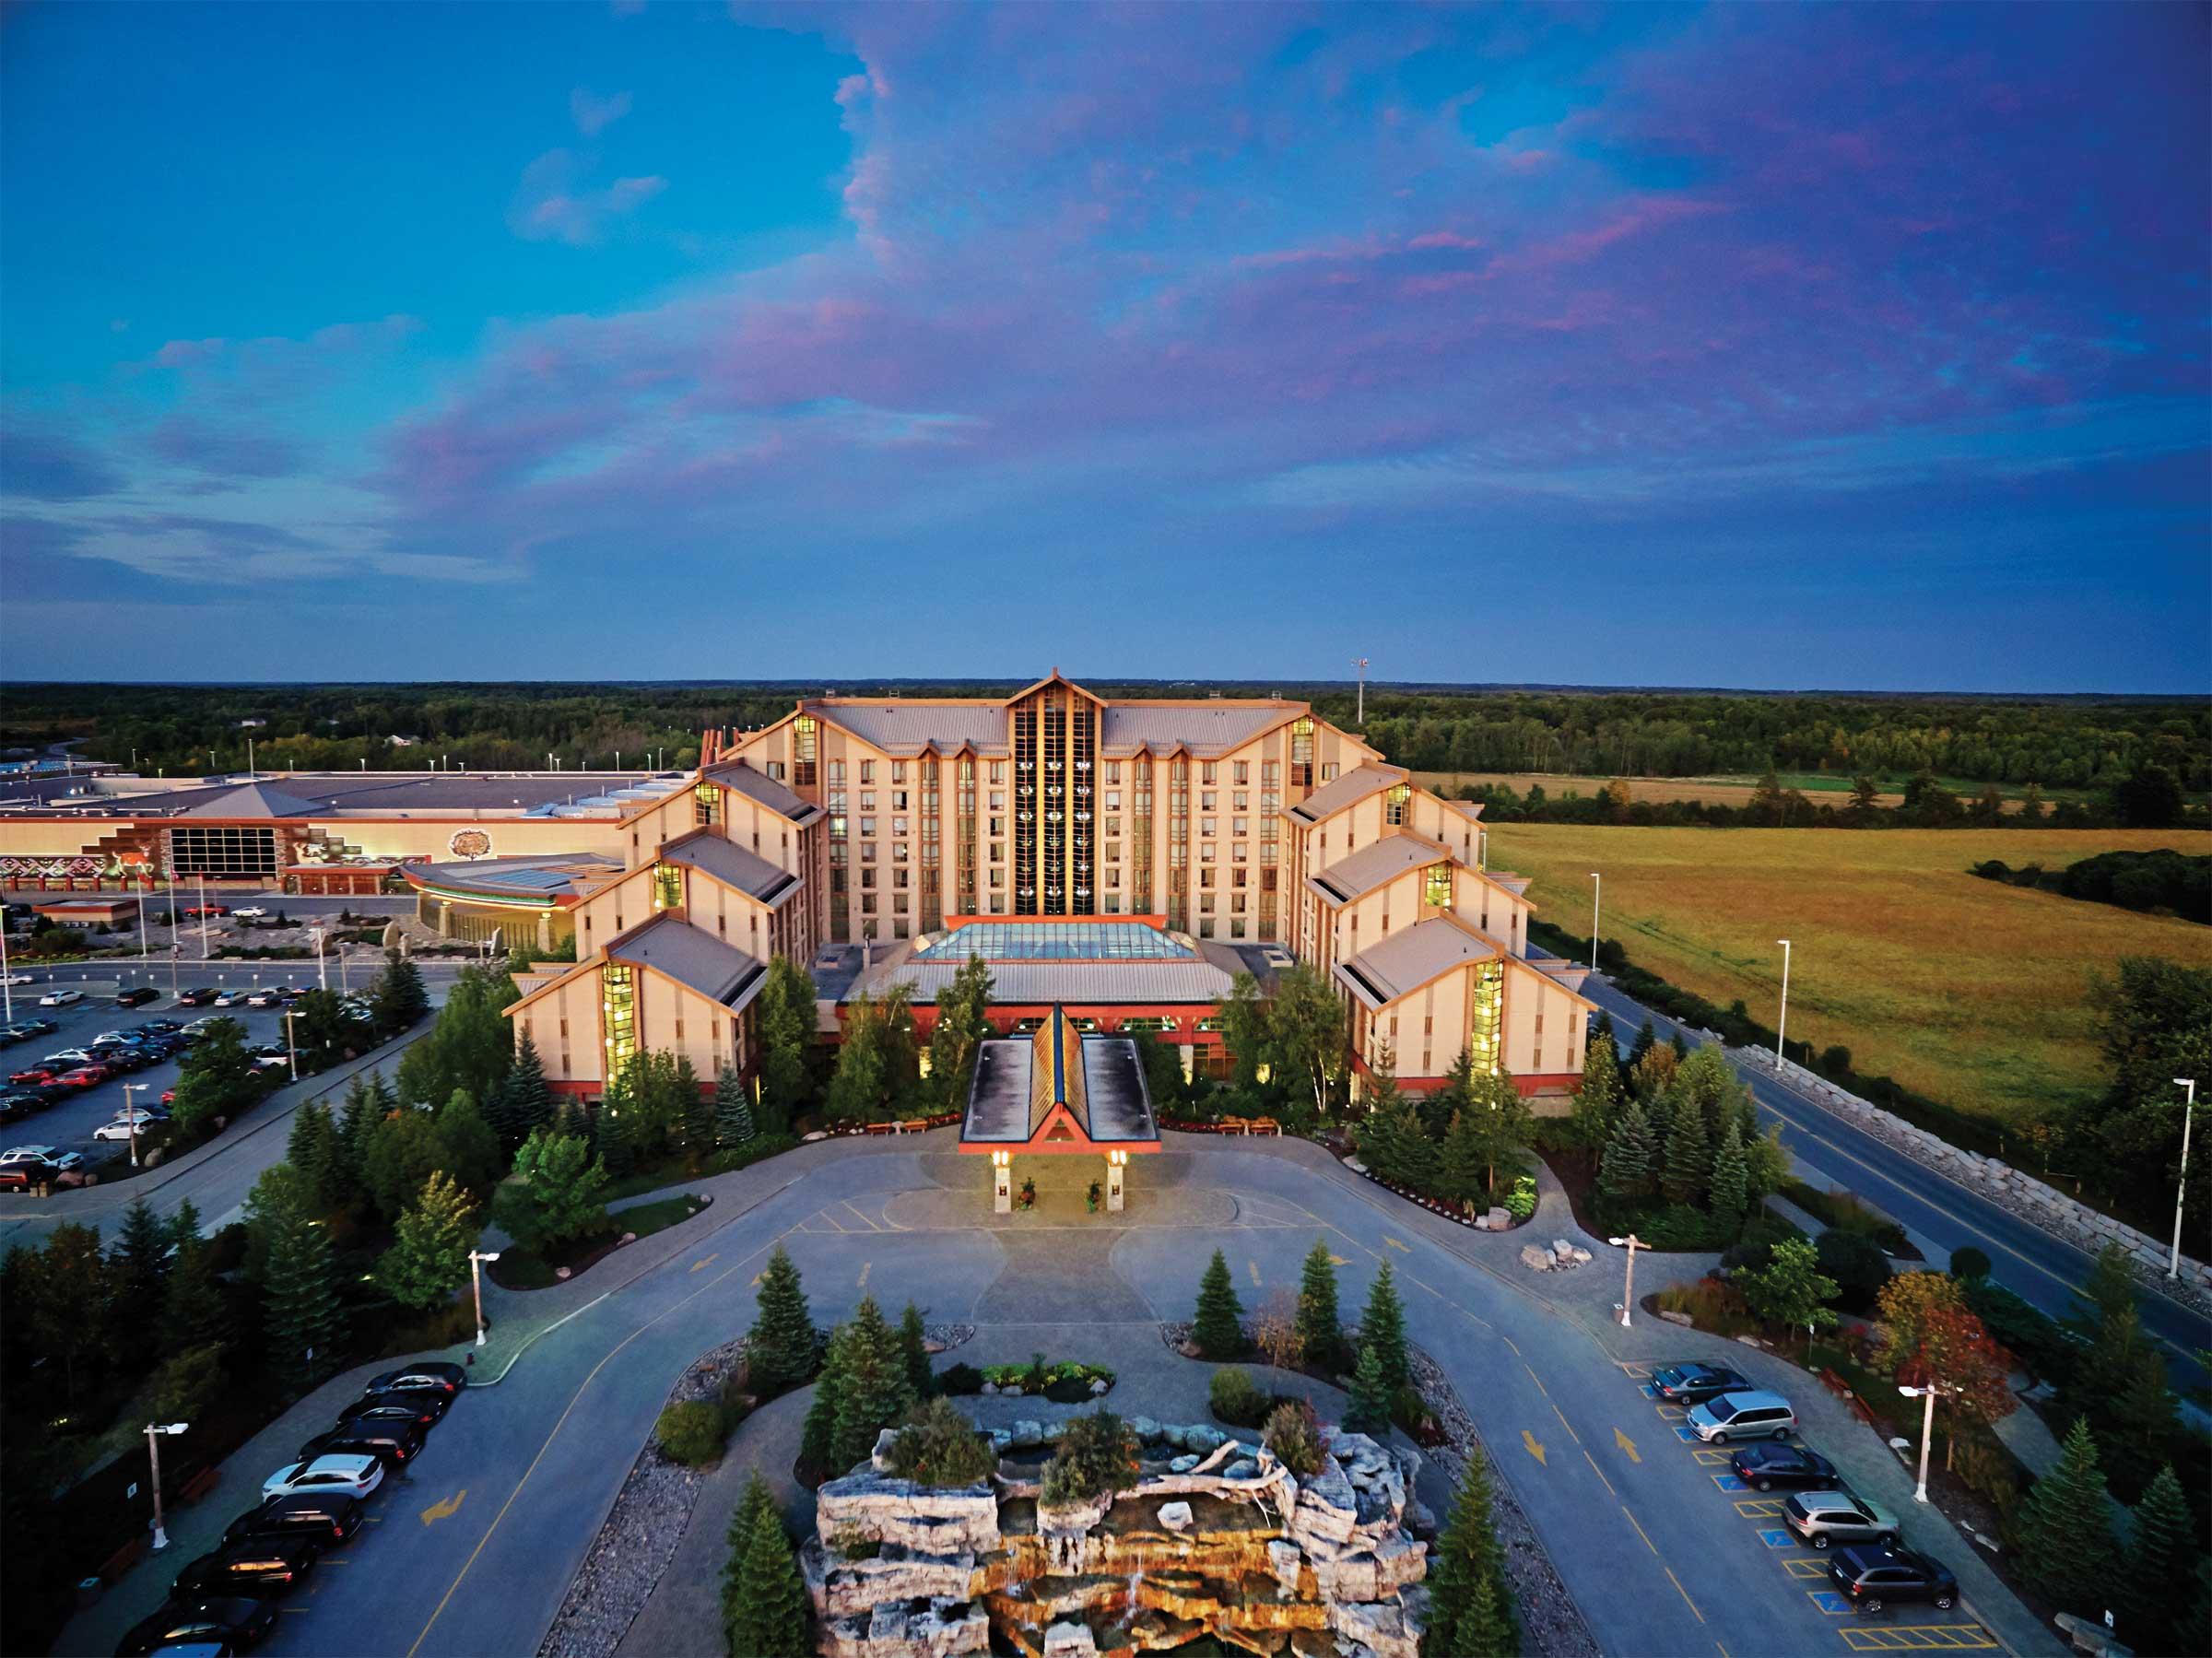 Casino Rama hotel and resort